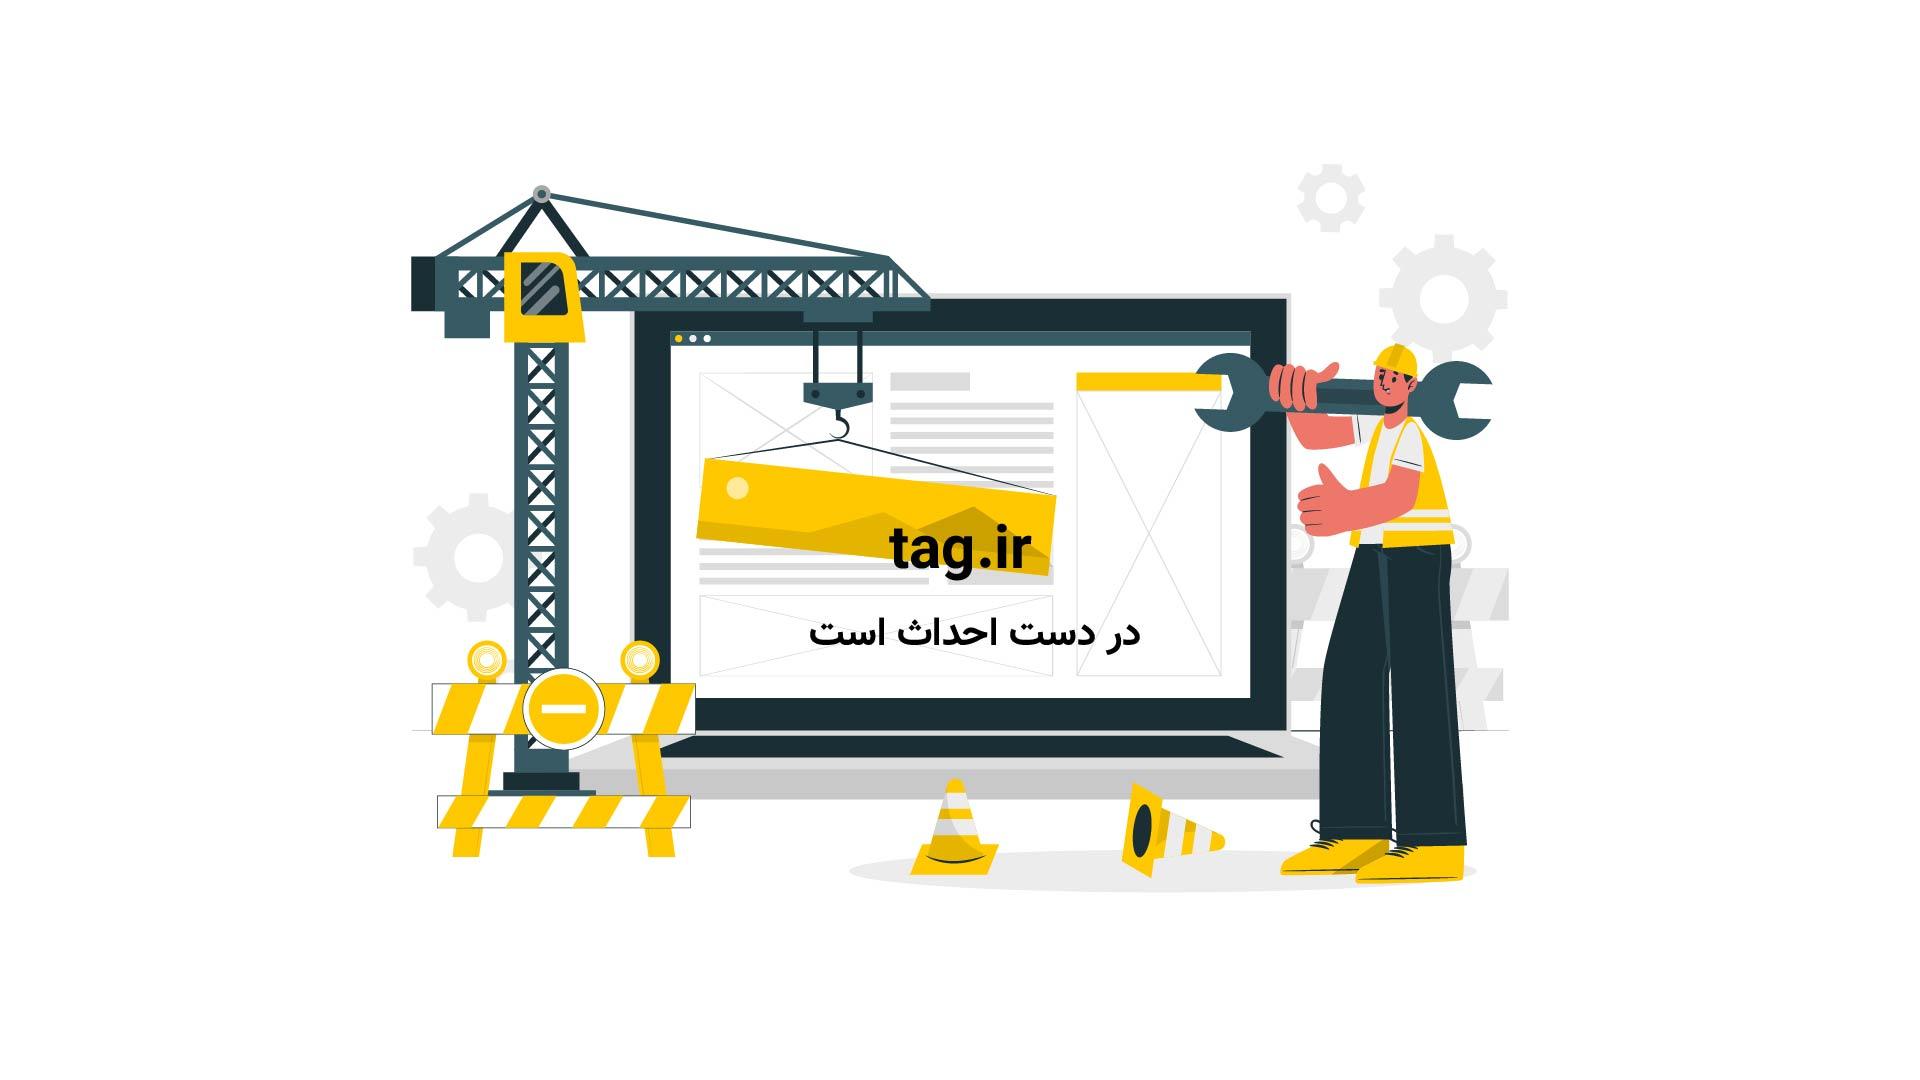 ابوطالب حسینی در خندوانه | تگ